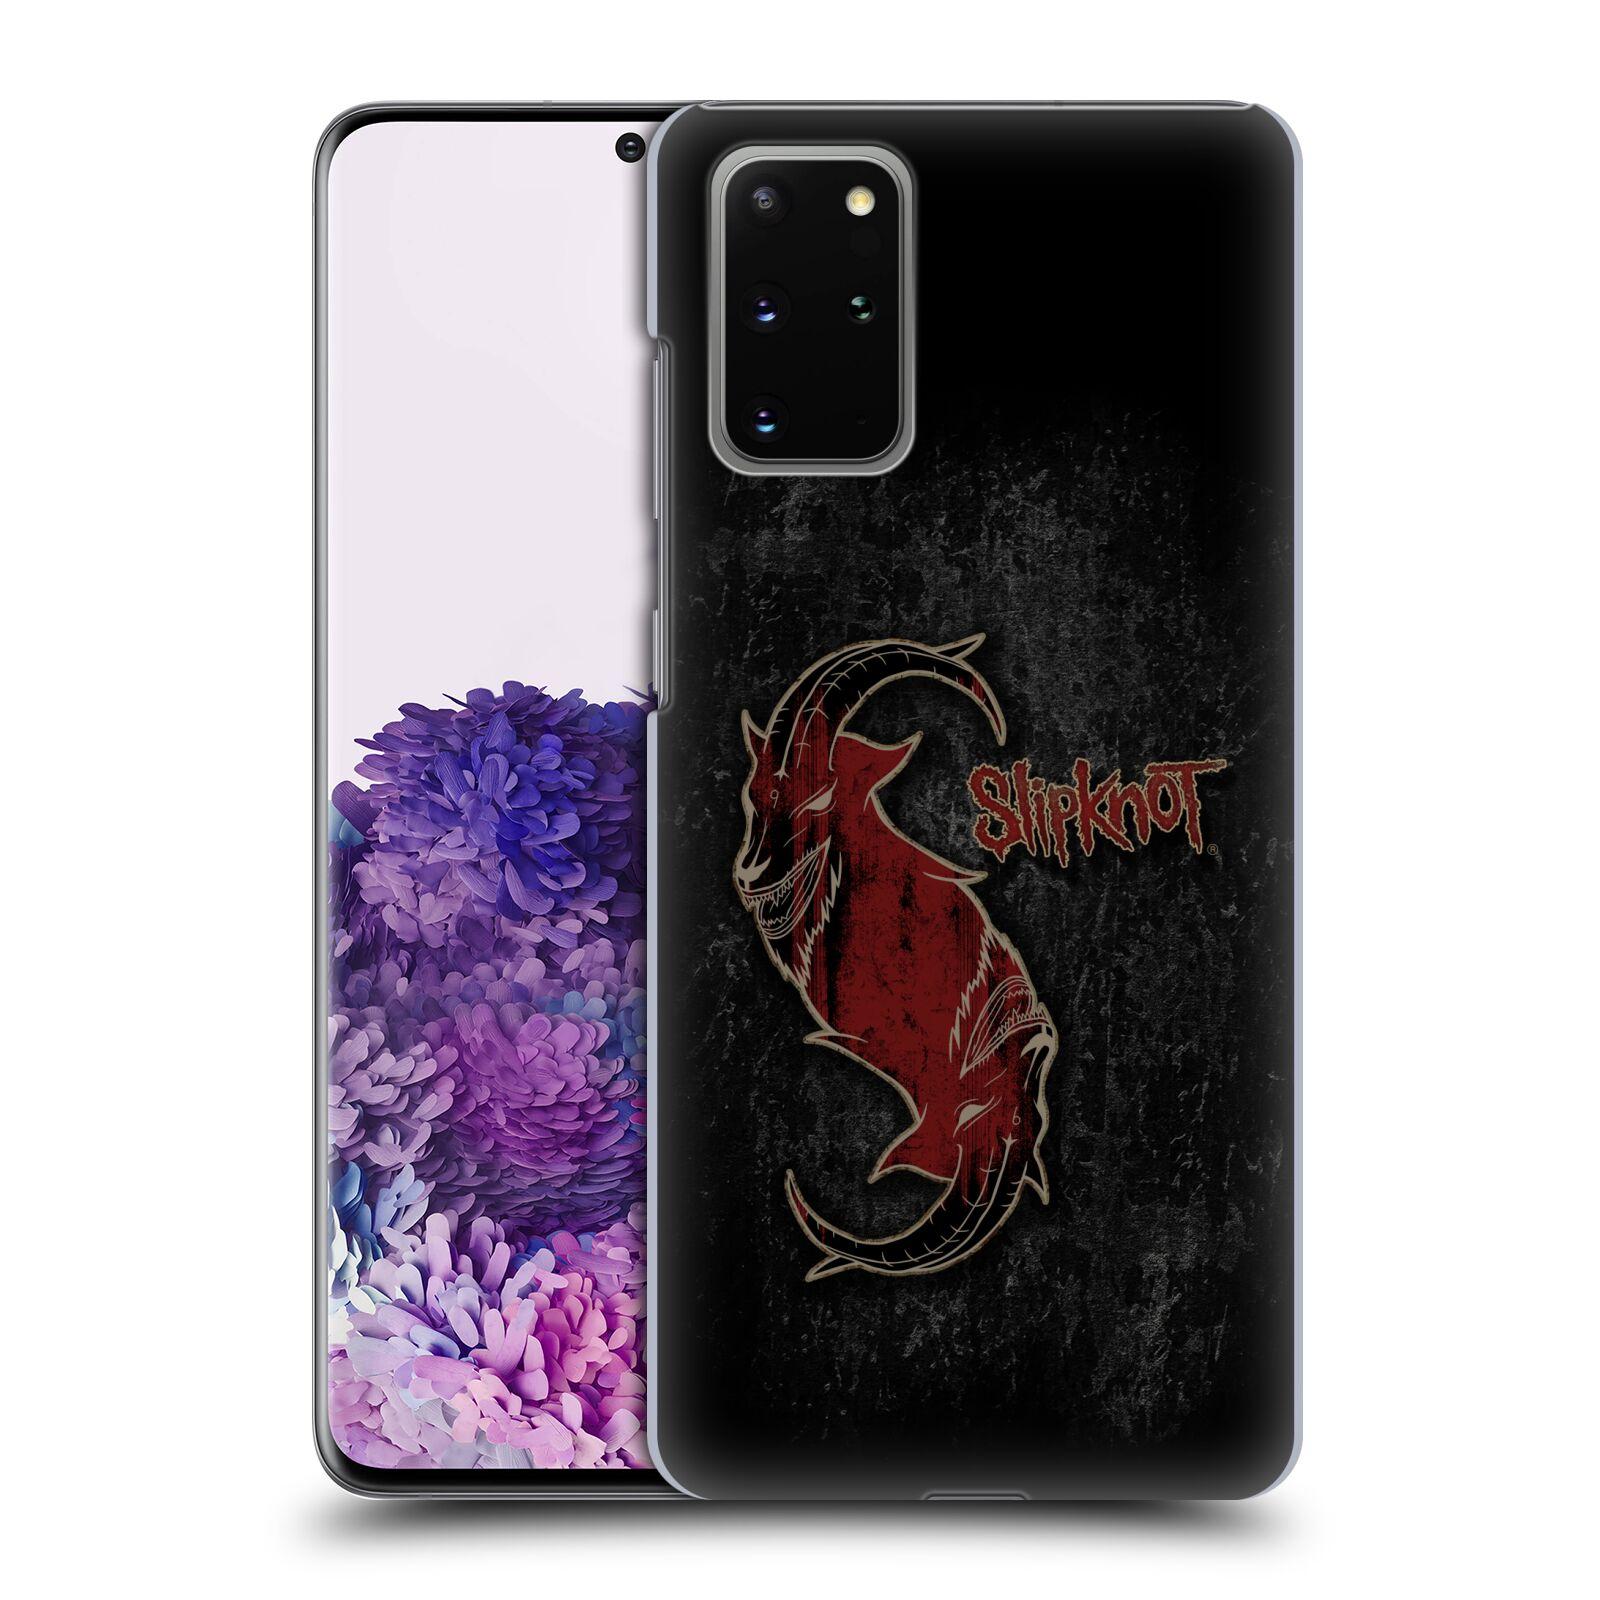 Plastové pouzdro na mobil Samsung Galaxy S20 Plus - Head Case - Slipknot - Rudý kozel